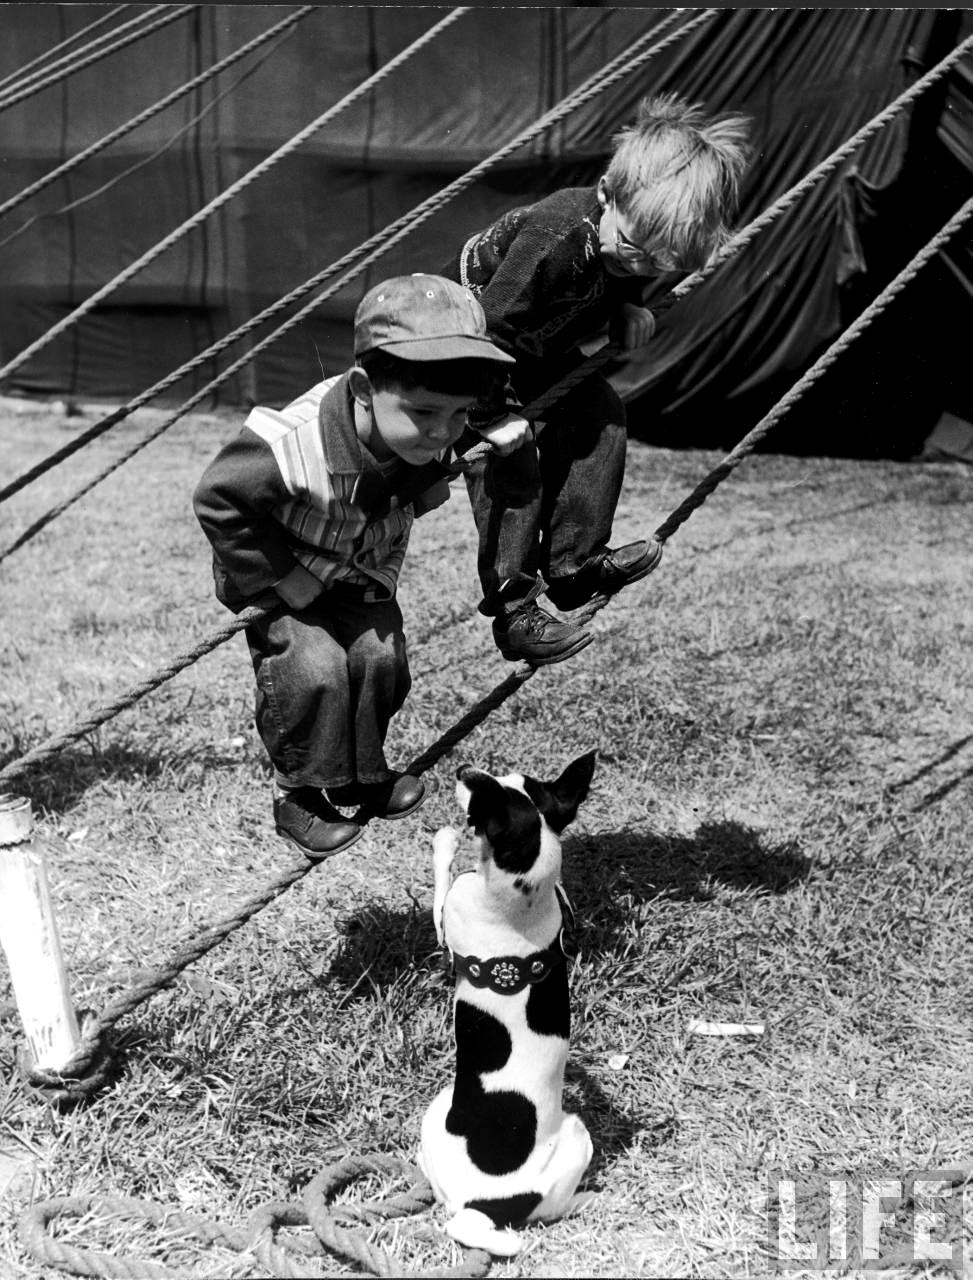 Fotó: Nina Leen:  Gyerekek játszanak egy kutyával,  Sarasota, 1949 © Nina Leen/Life Magazine